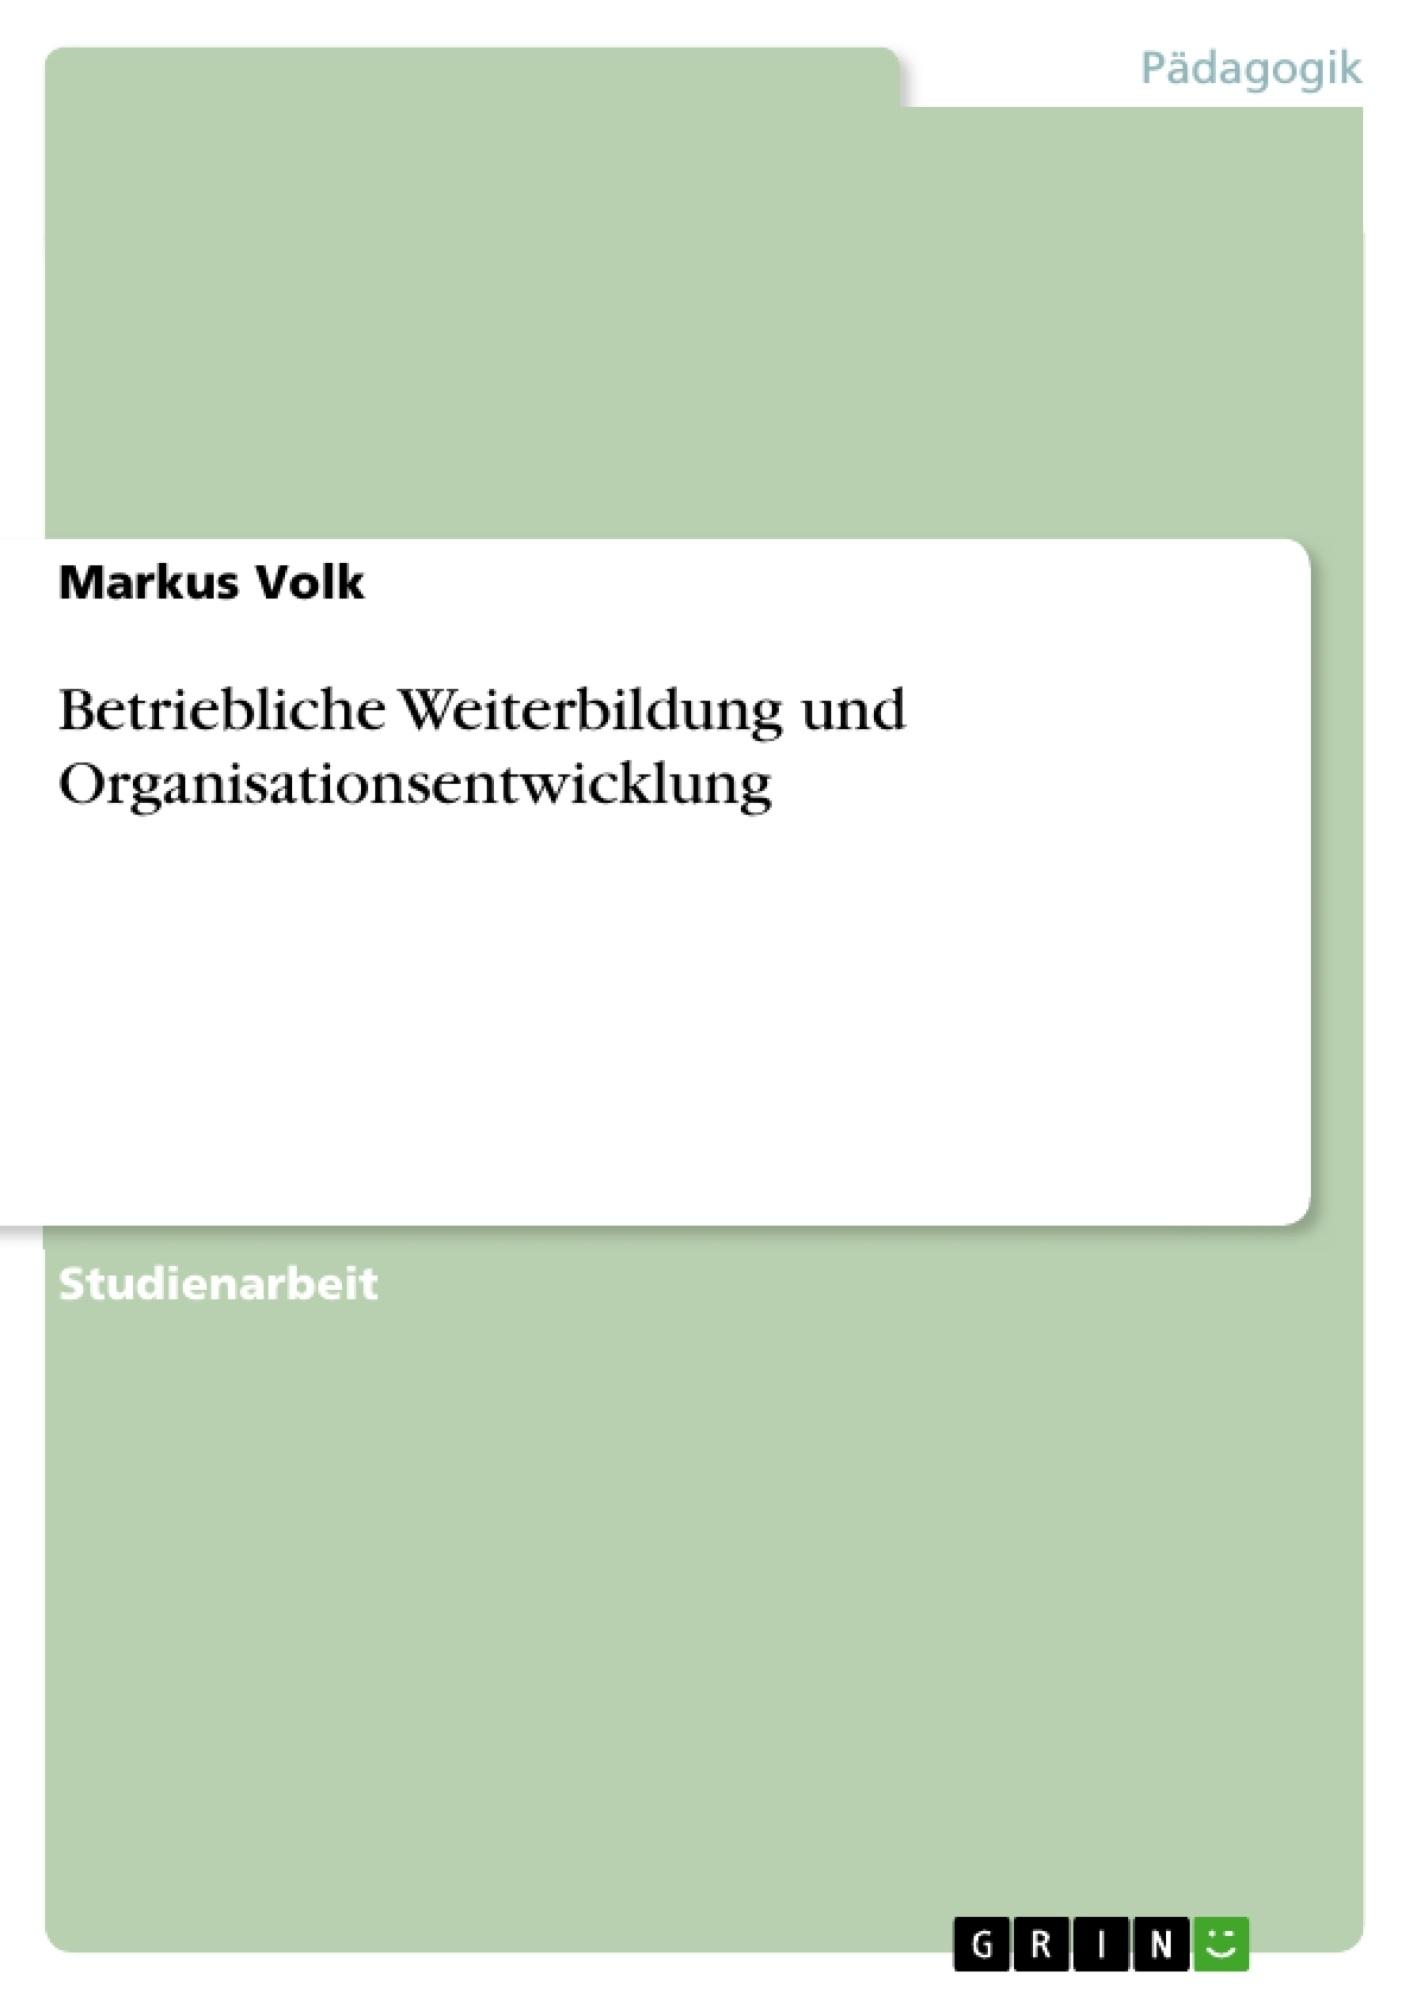 Titel: Betriebliche Weiterbildung und Organisationsentwicklung